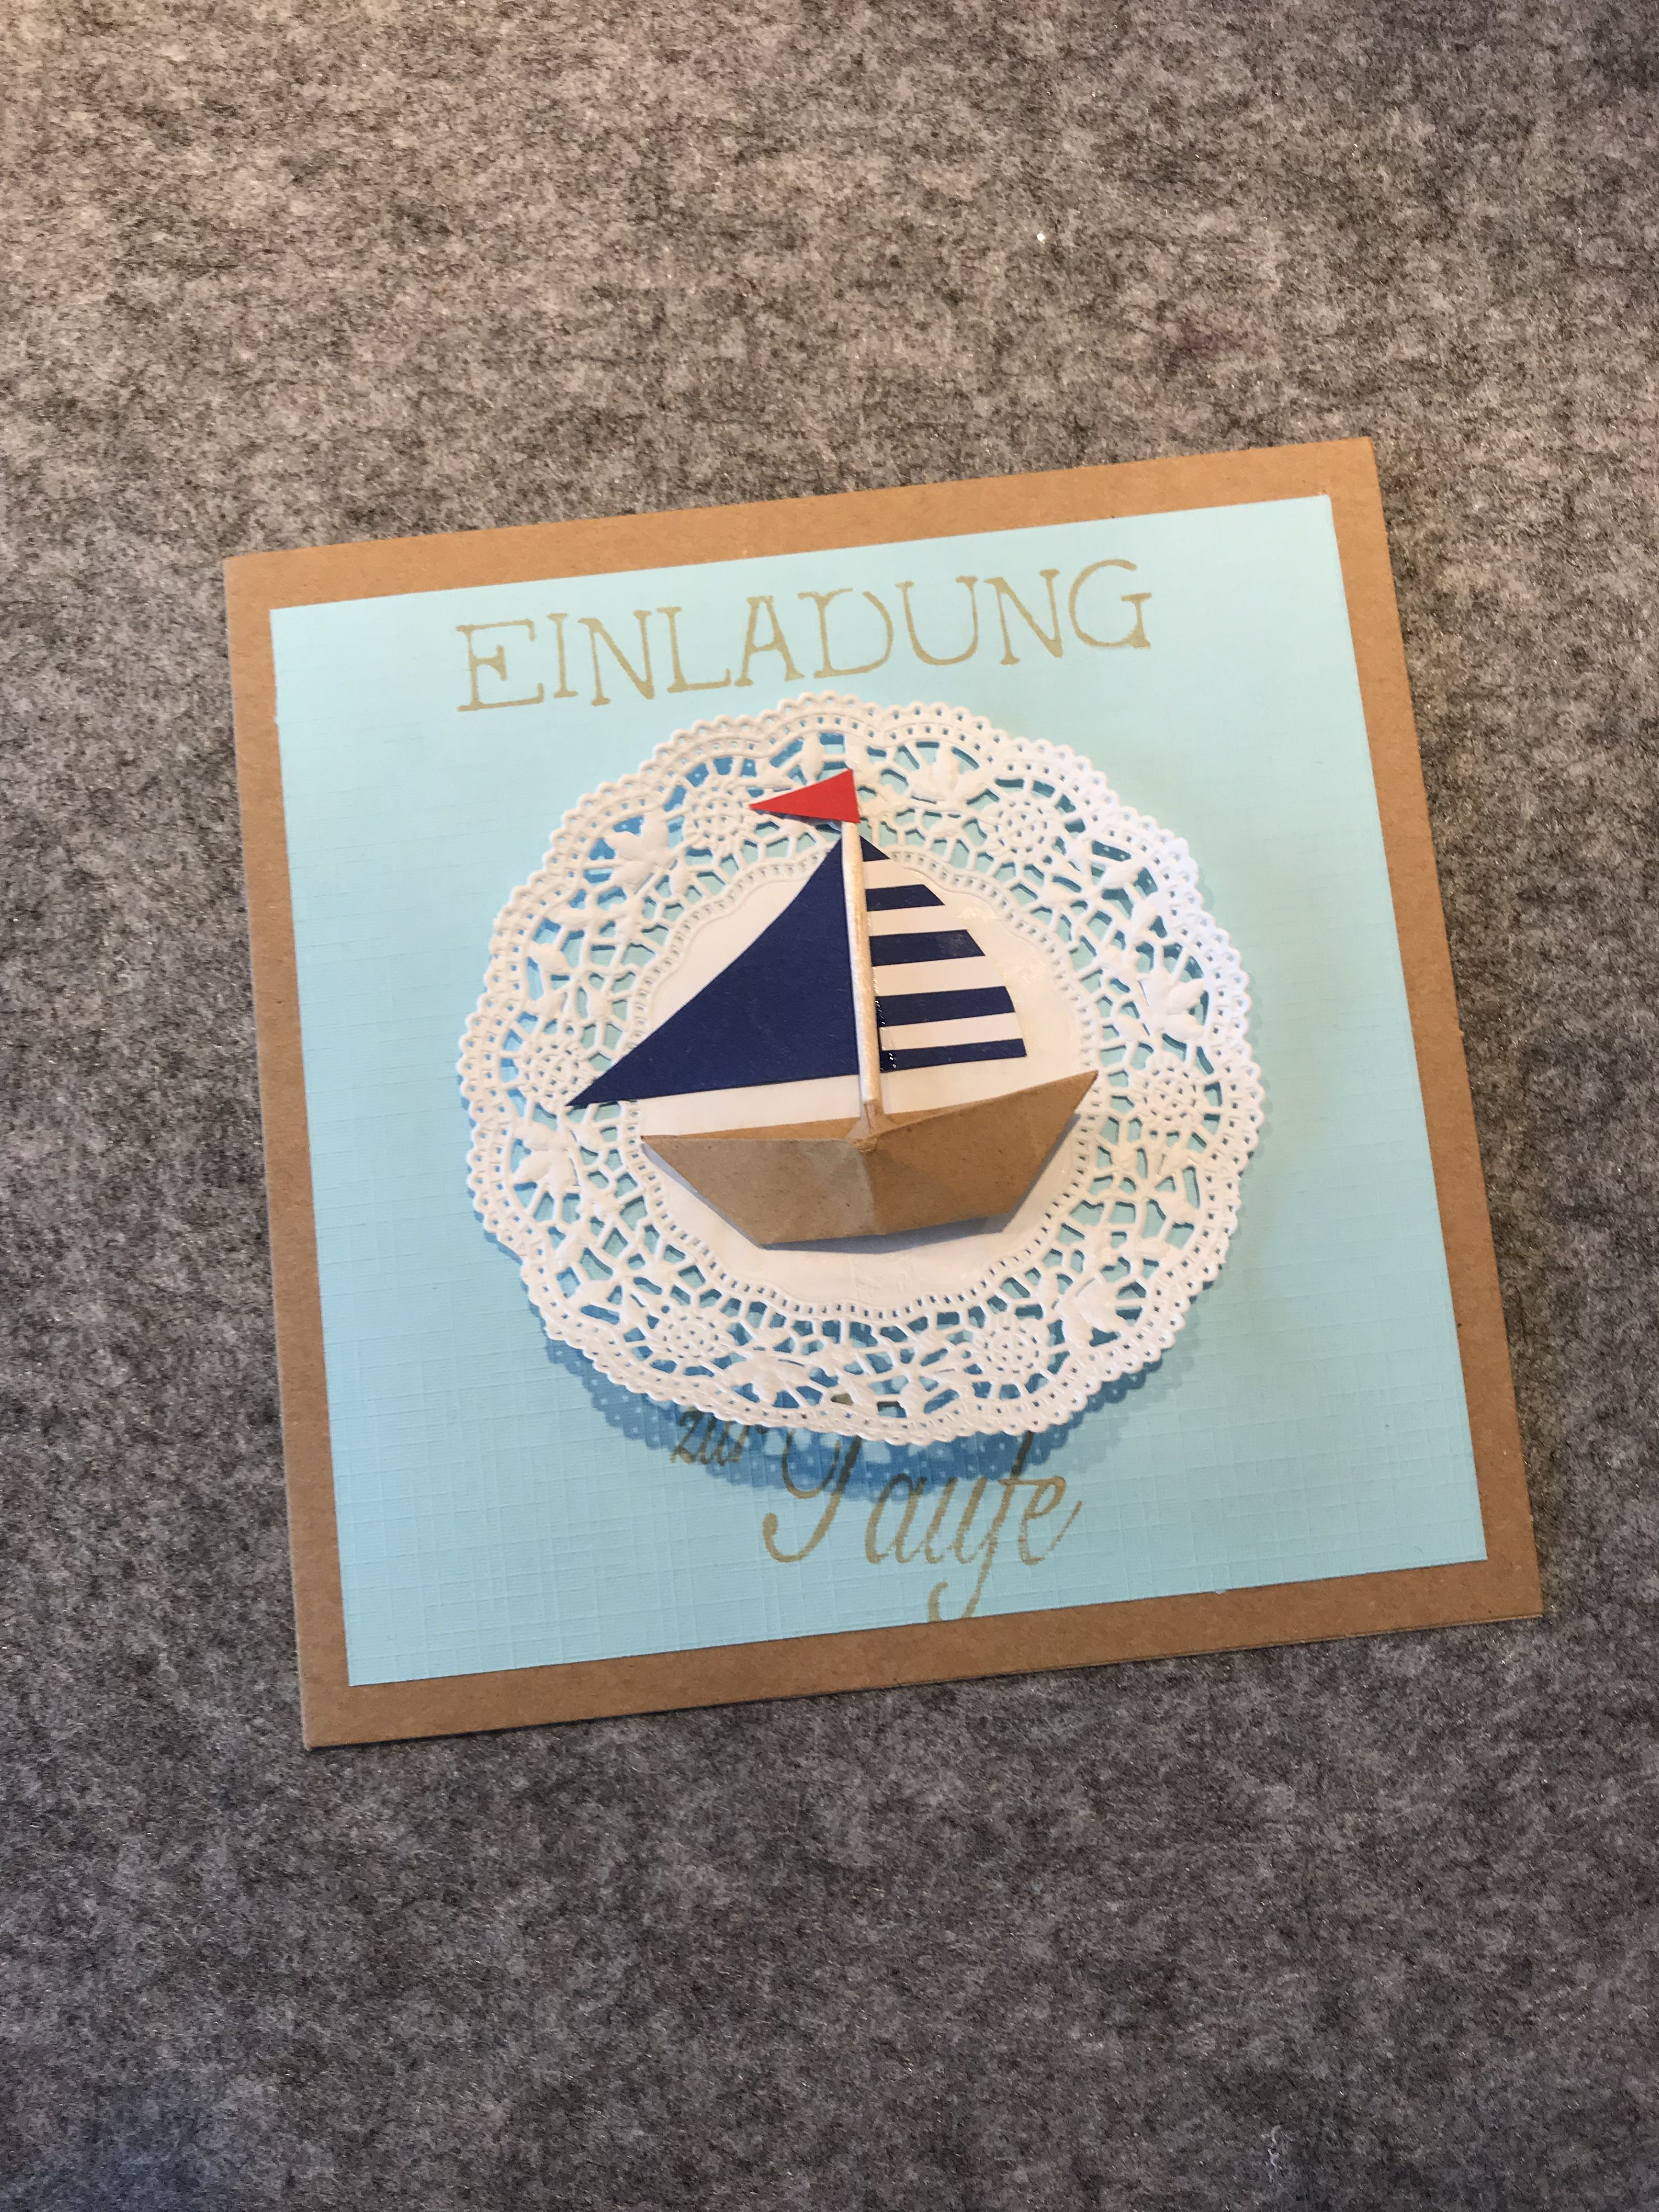 Einladung Zur Taufe Segelschiff Junge Rajzkézimunka